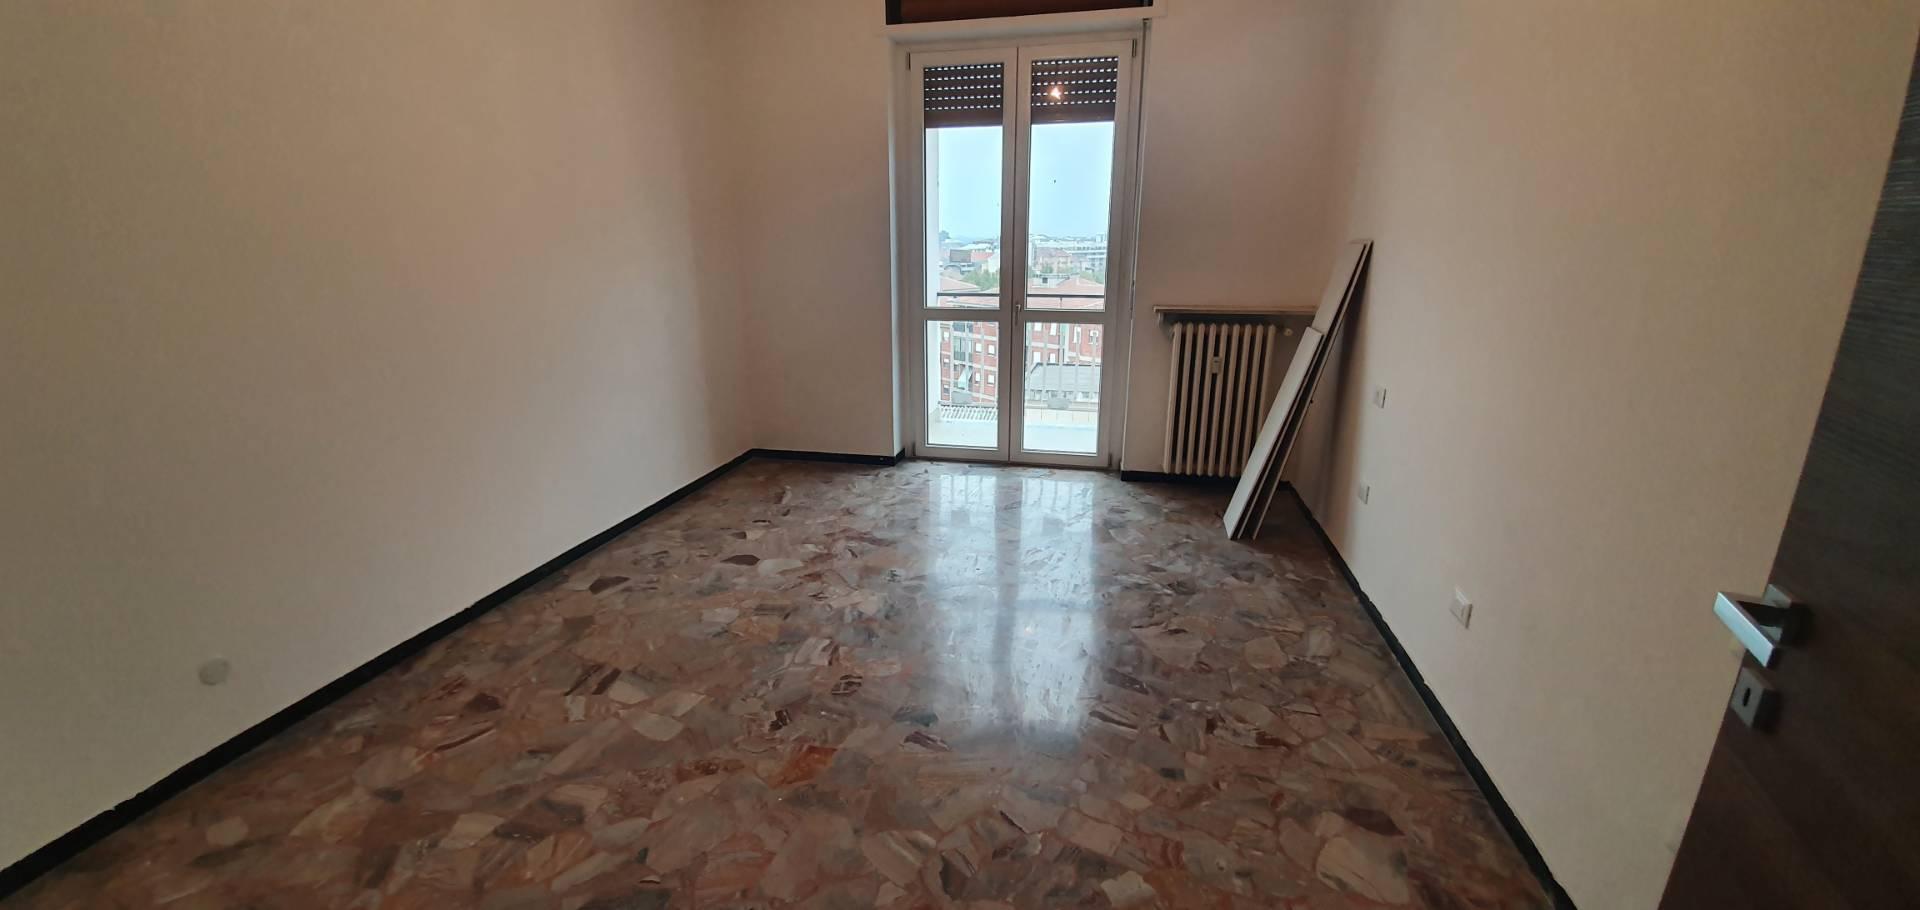 Appartamento in affitto a Alessandria, 3 locali, zona Località: Centro-P.zzaMatteotti, prezzo € 380 | PortaleAgenzieImmobiliari.it